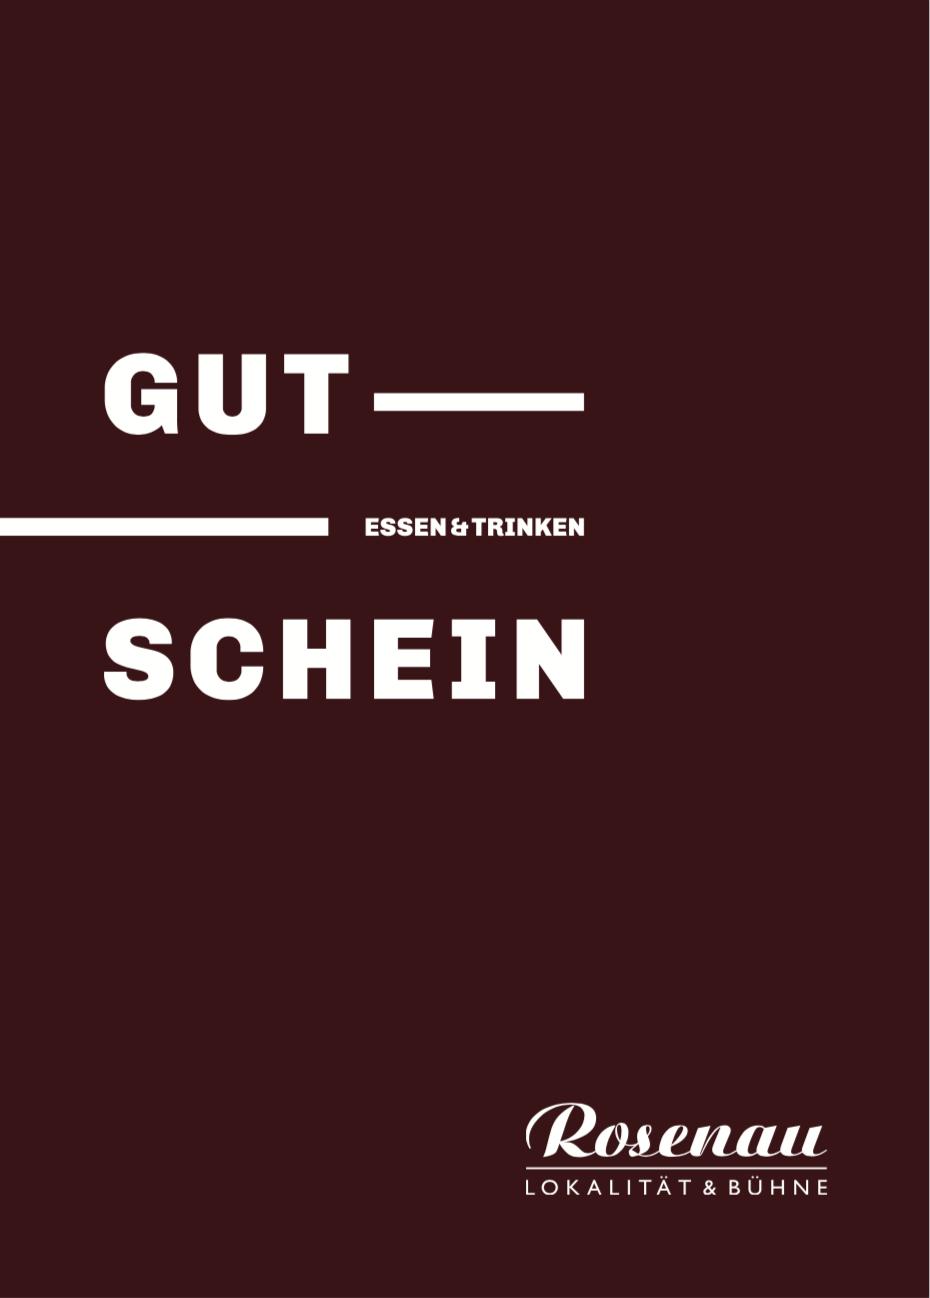 ee07a2d679 Gutschein 75 € – Missbach Gastronomie